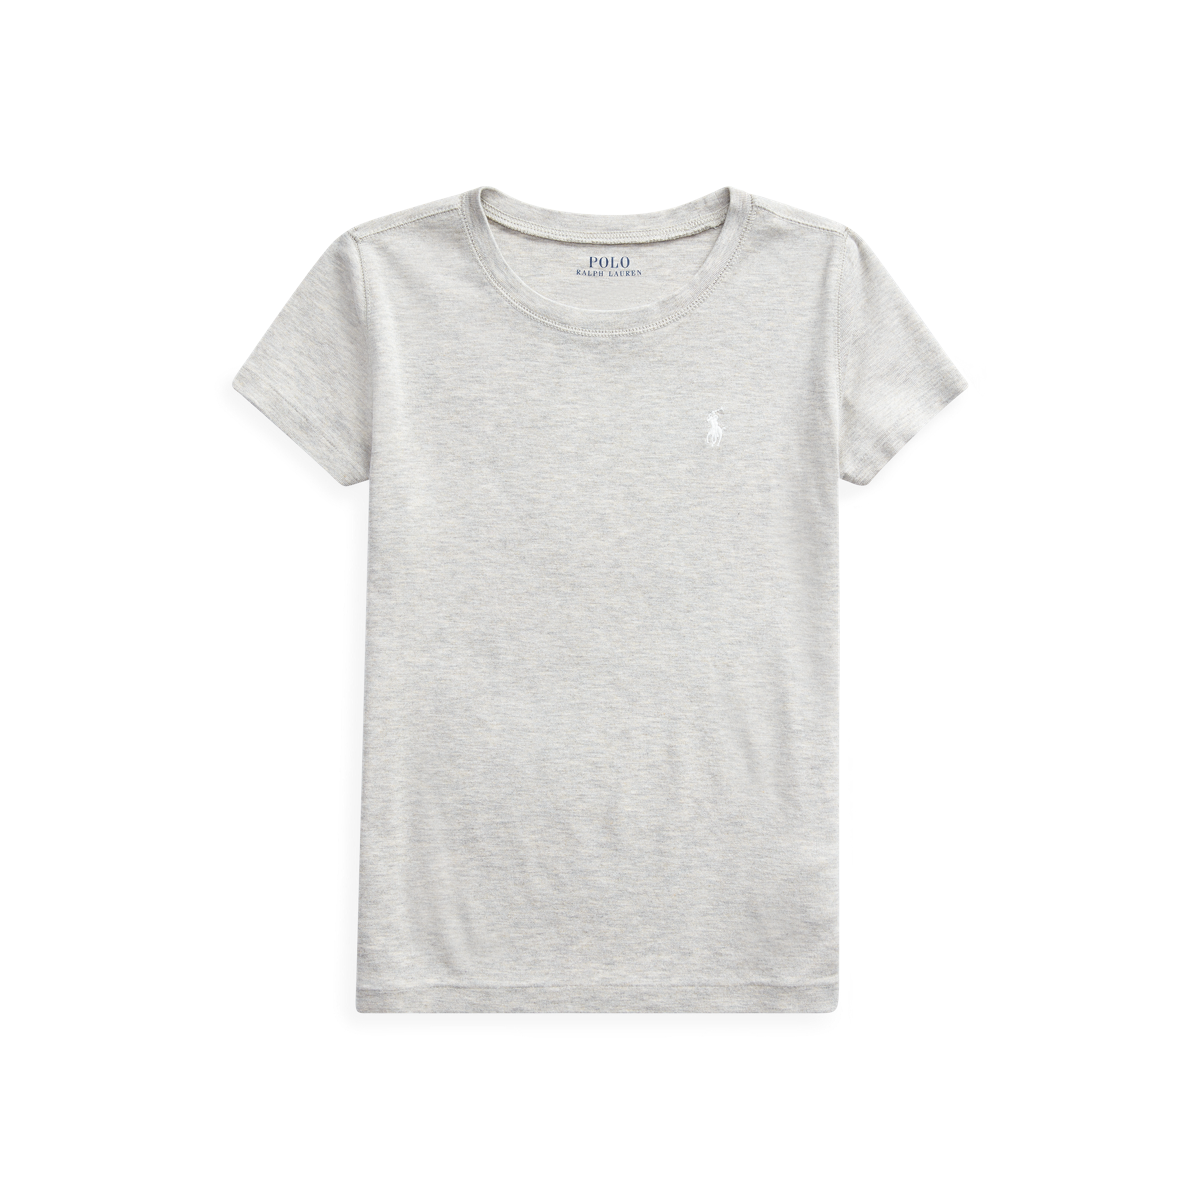 4c656fd13 Cotton-Blend Crewneck T-Shirt